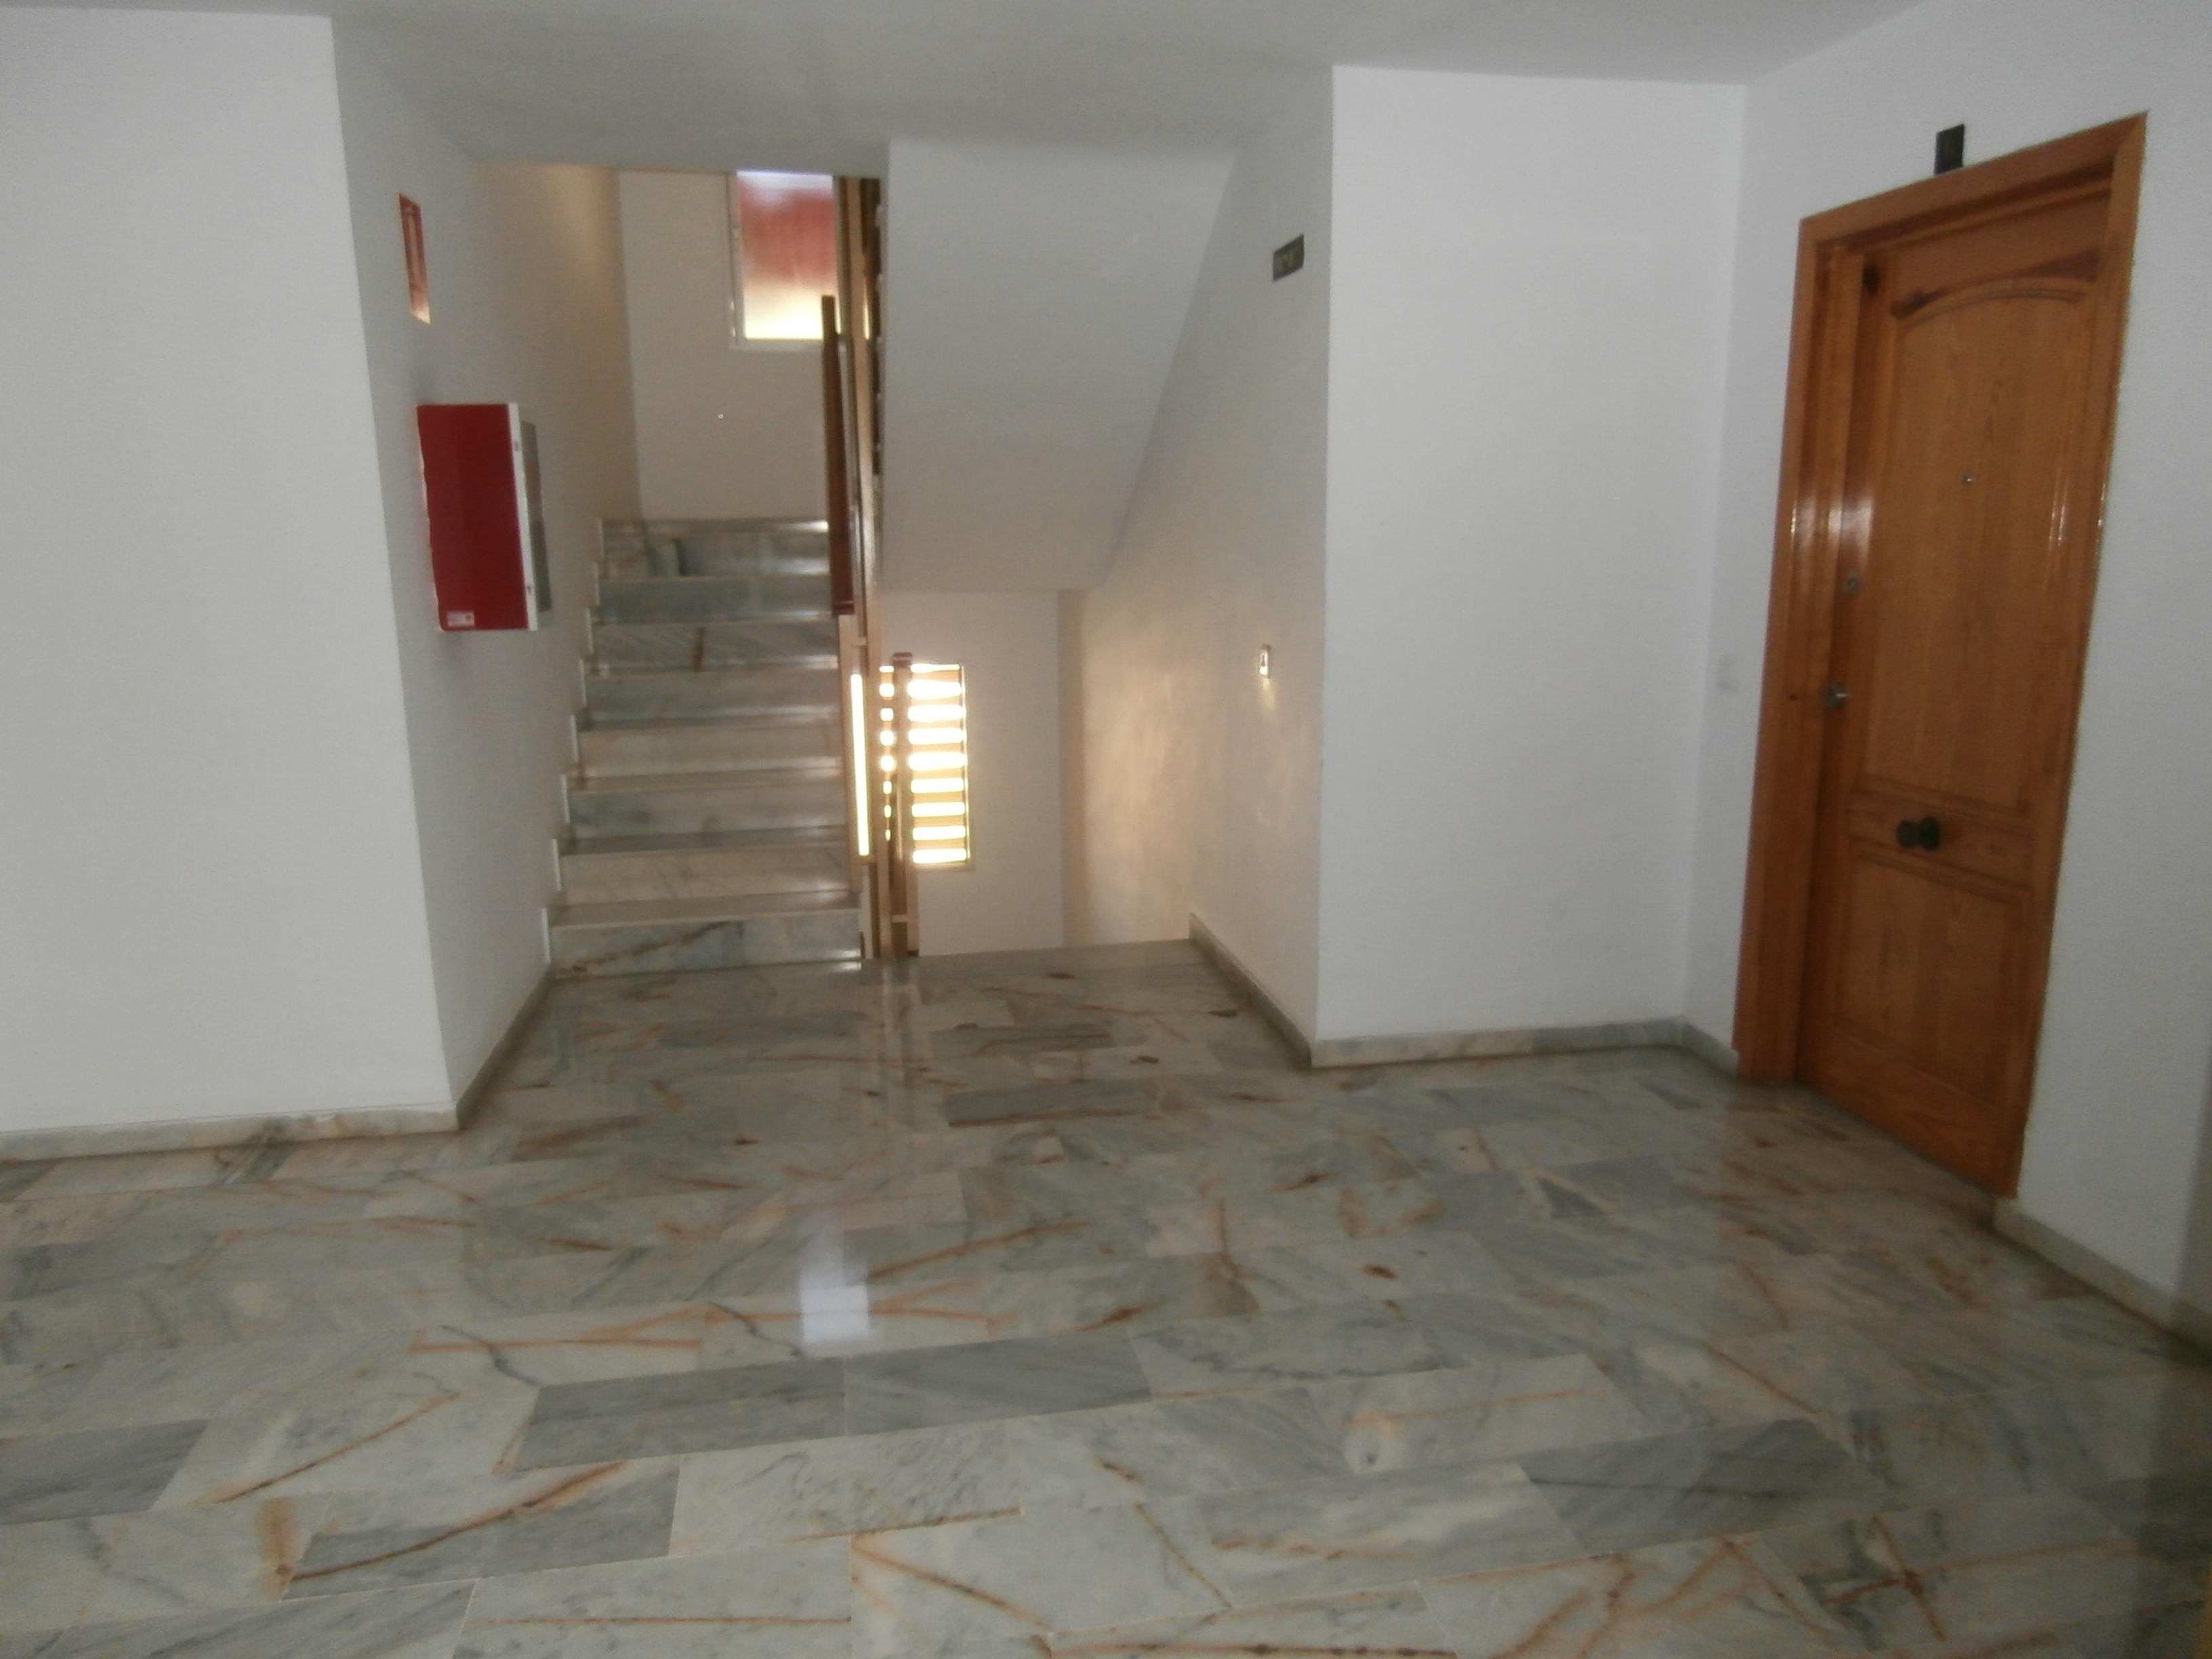 Piso en venta en Málaga, Málaga, Calle Héctor Villa-lobos, 159.000 €, 4 habitaciones, 2 baños, 117 m2